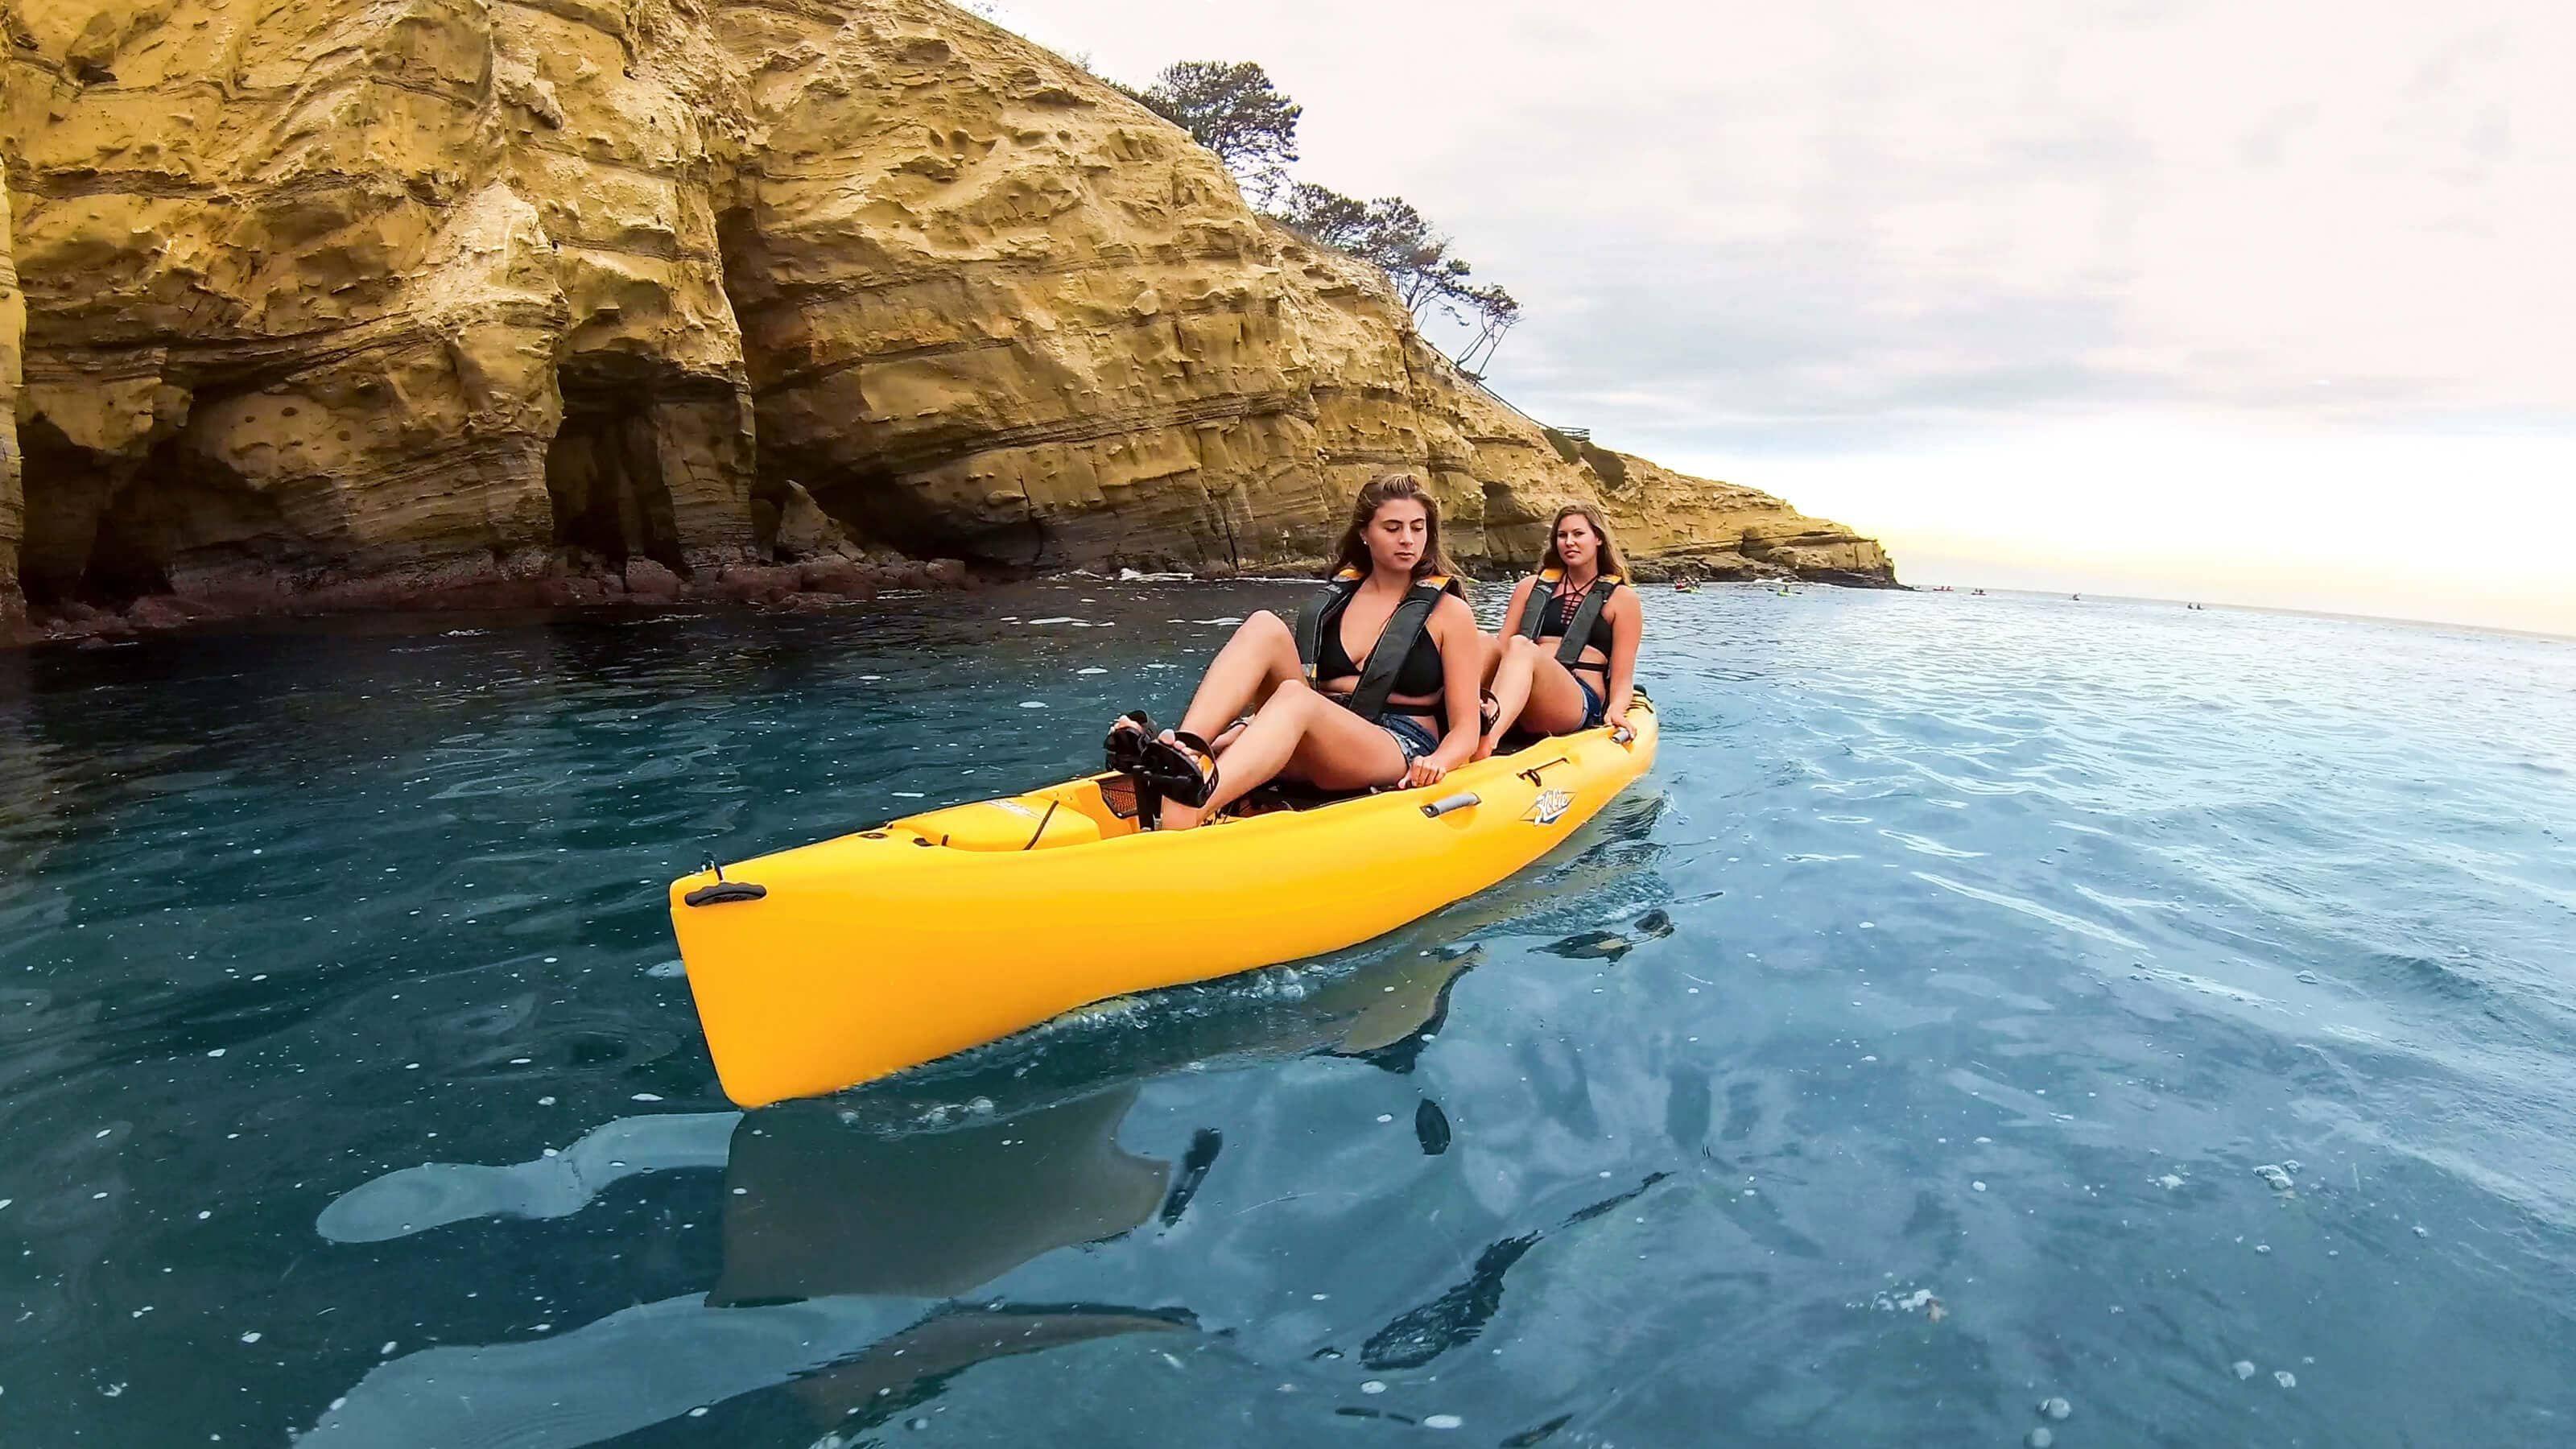 Hobie Oasis Tandem Kayak La Jolla Kayaking Kayaks For Sale Tandem Kayaking